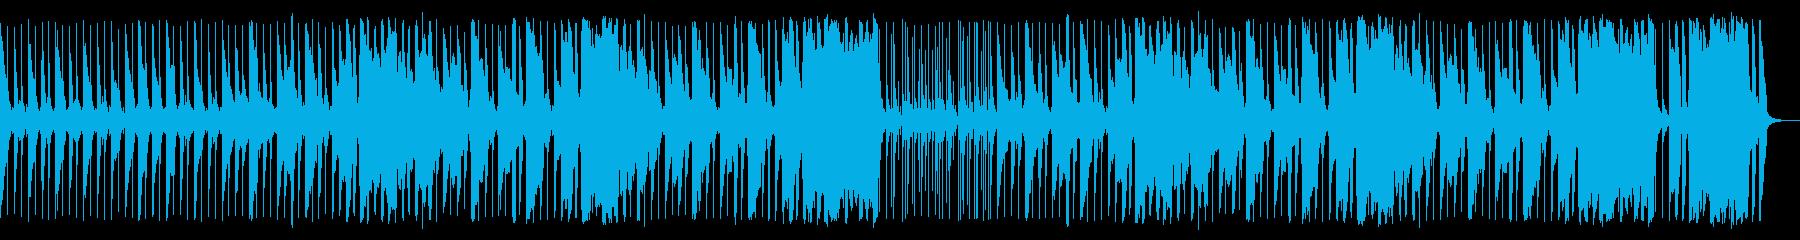 軽快でノリノリ楽しいハンドクラップポップの再生済みの波形